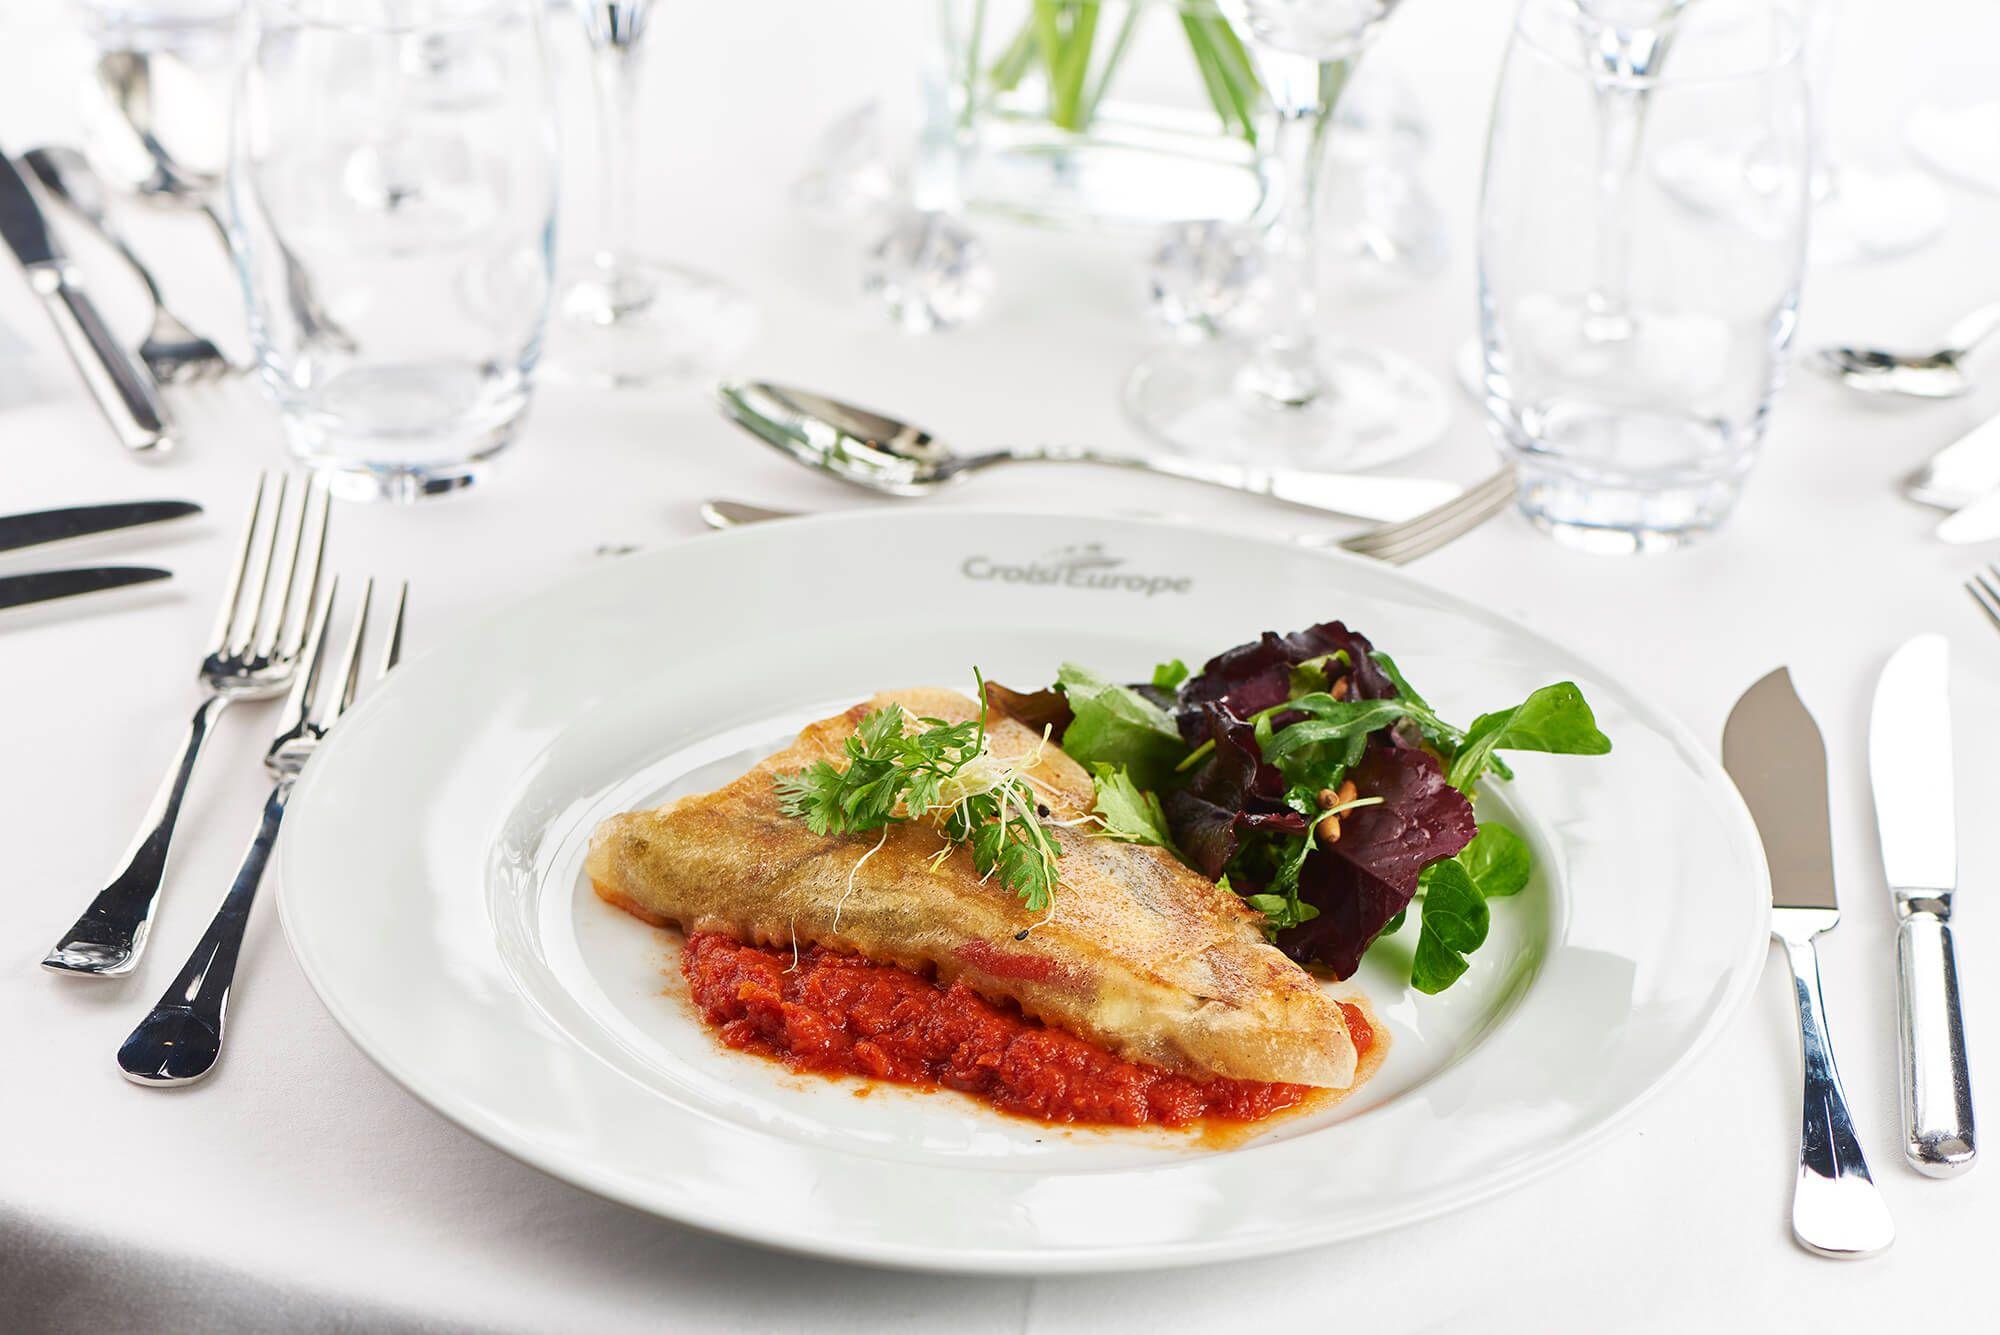 servicio de comida croisieurope